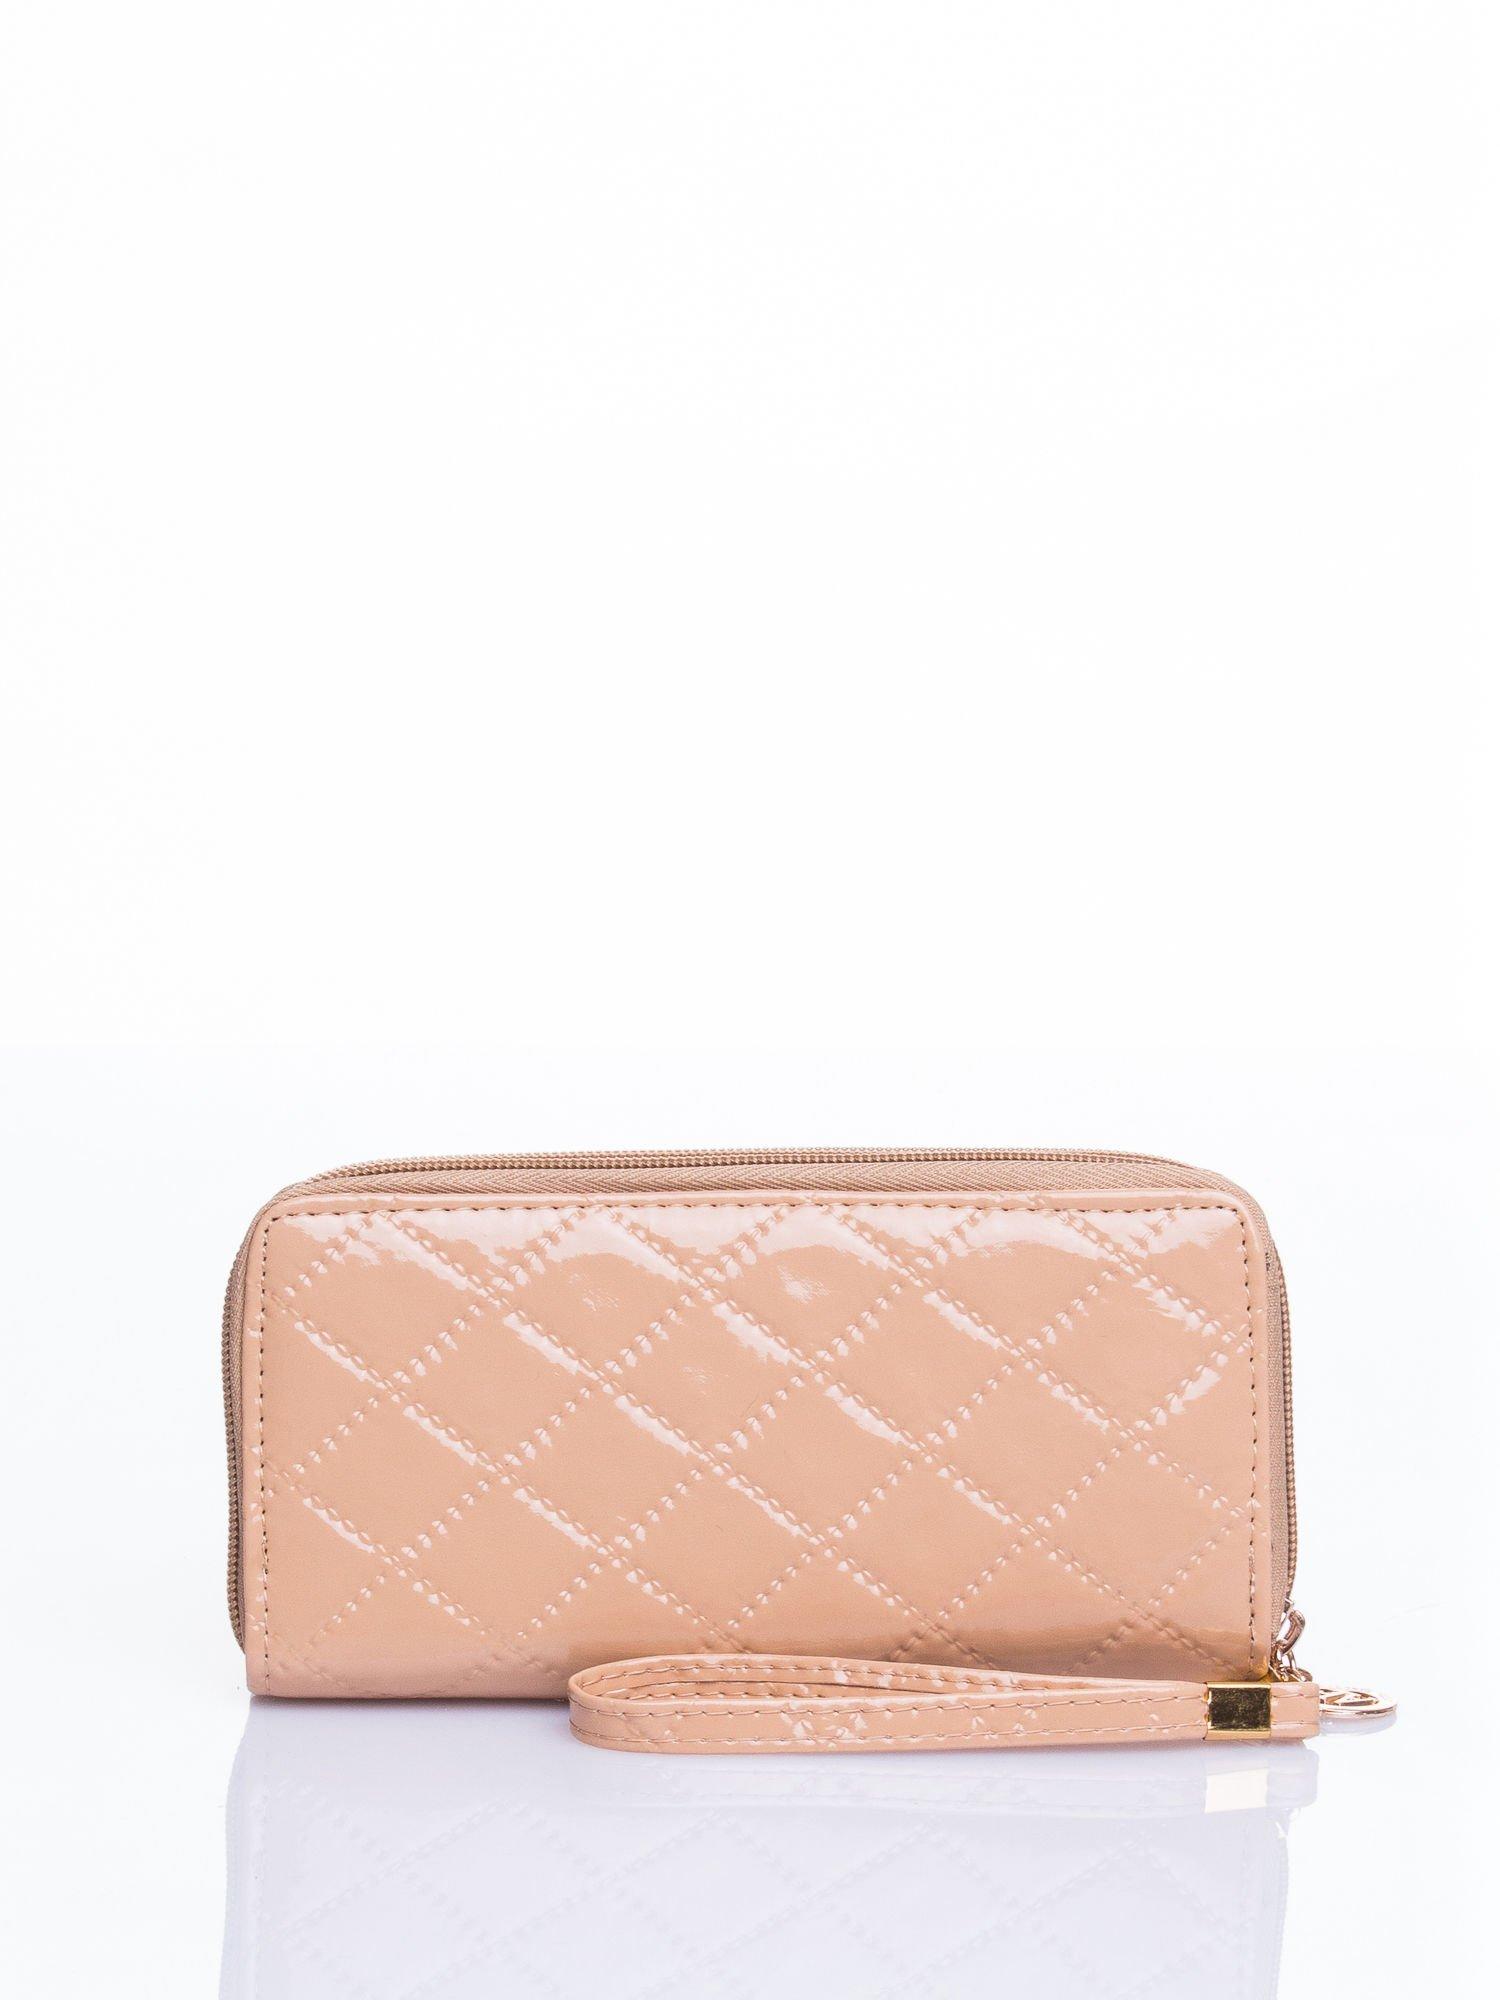 Kremowy lakierowany pikowany portfel                                  zdj.                                  1